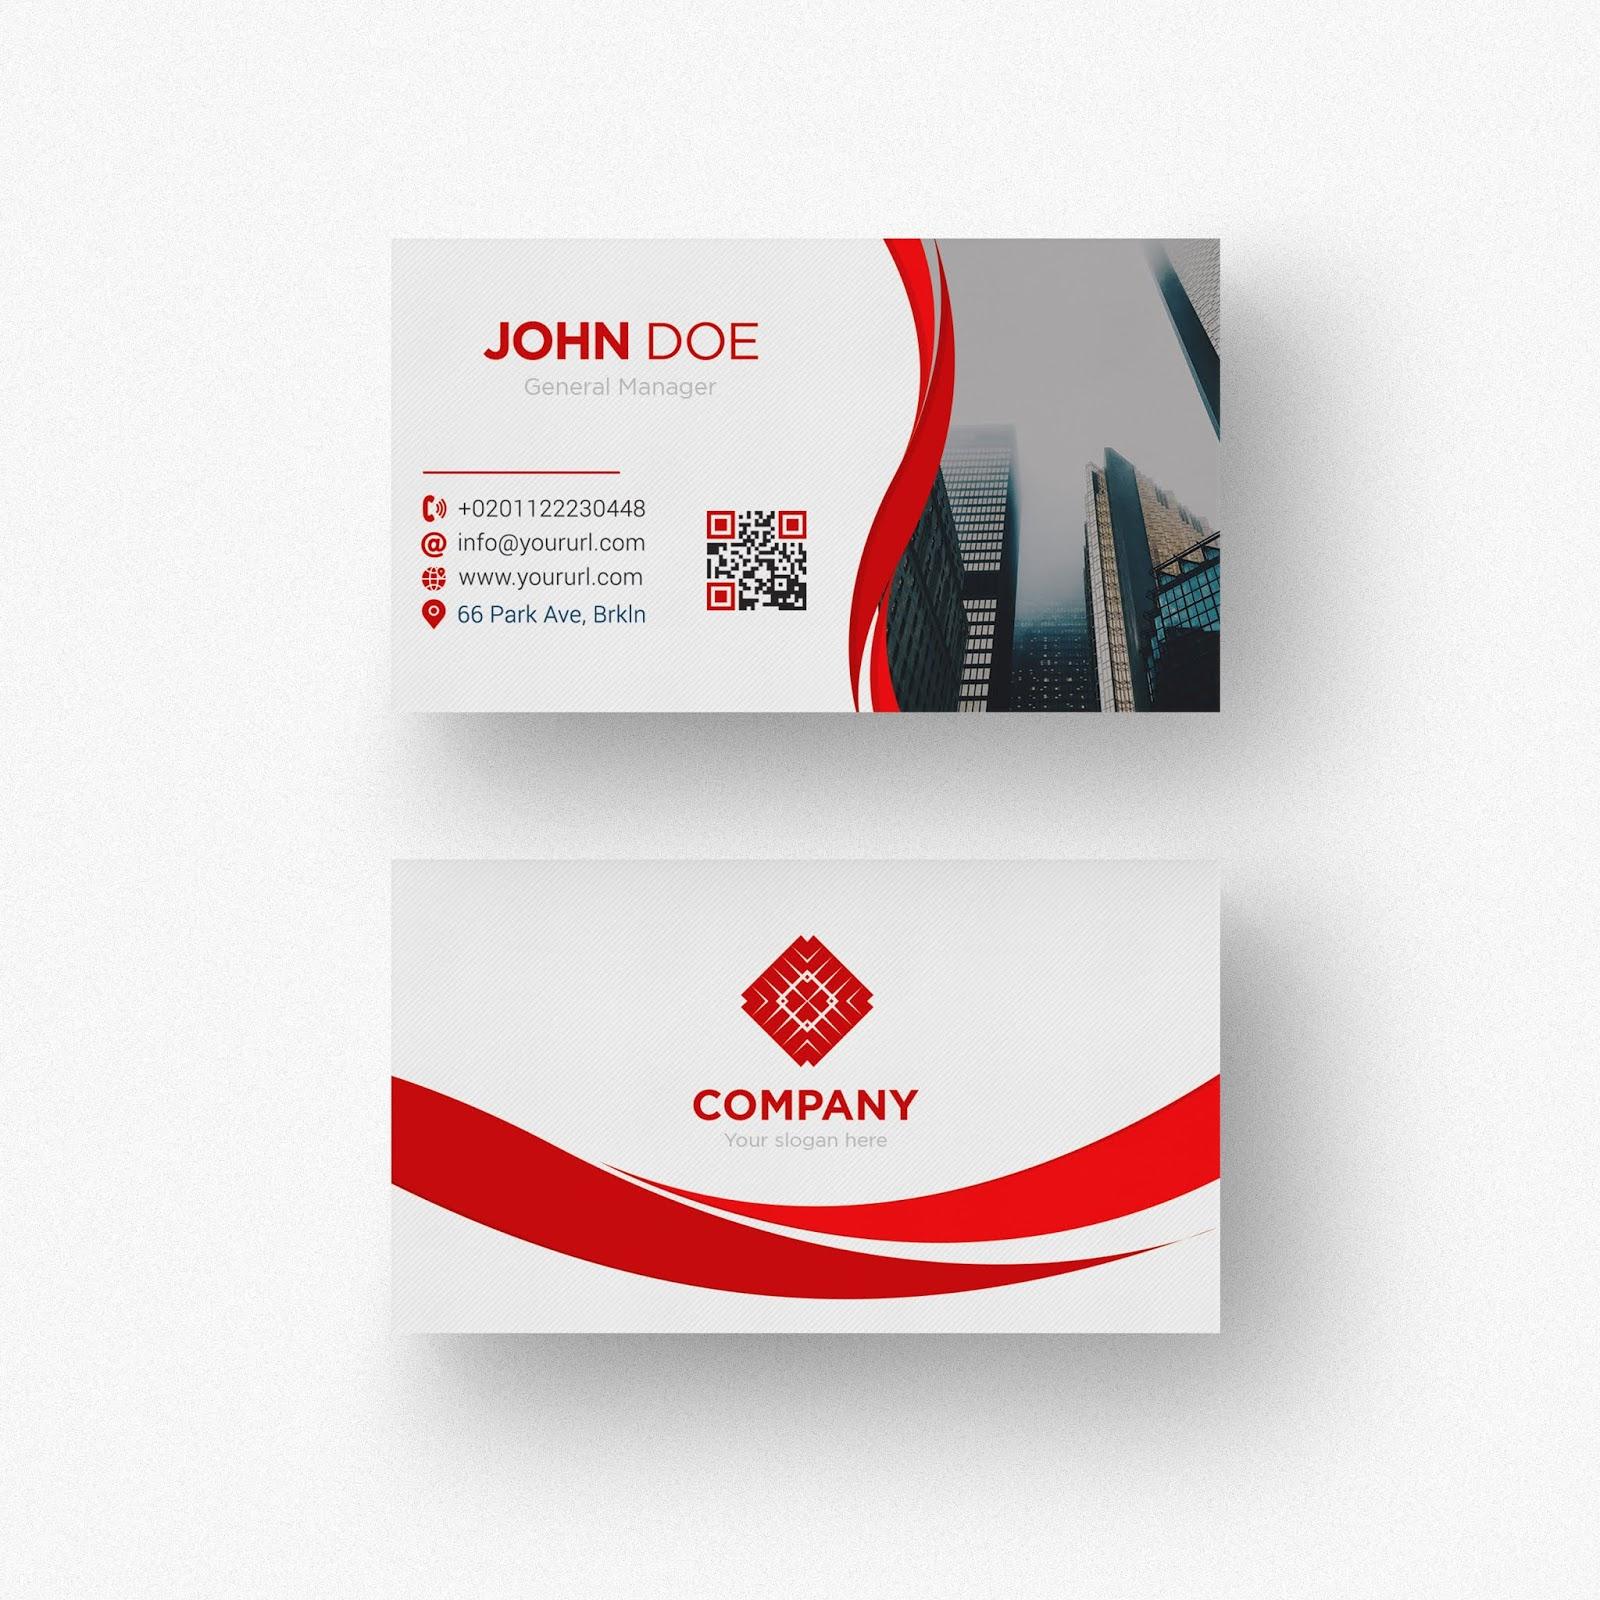 تحميل ملف Psd Business Card جاهز للتعديل على الفوتوشوب Red And